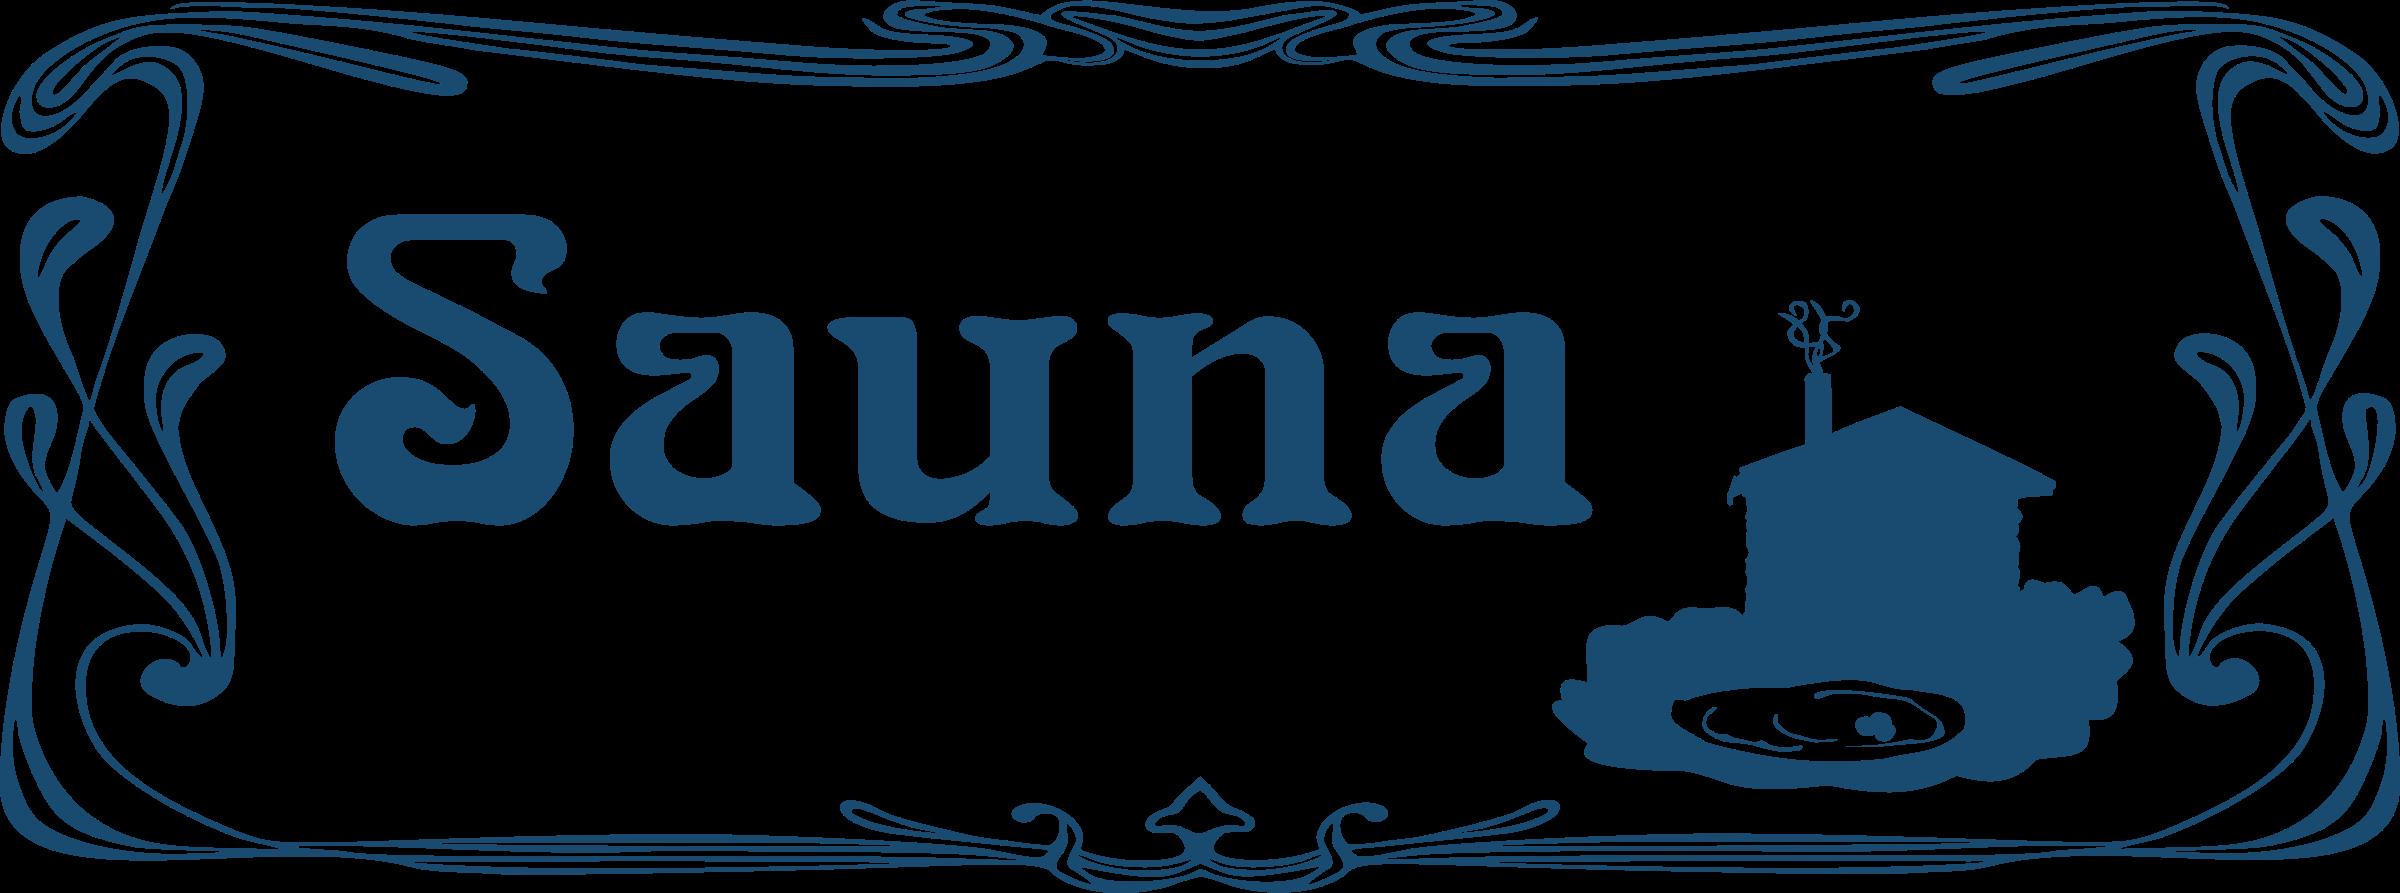 Sauna clipart spa Sign Sign Clipart Sauna Sauna